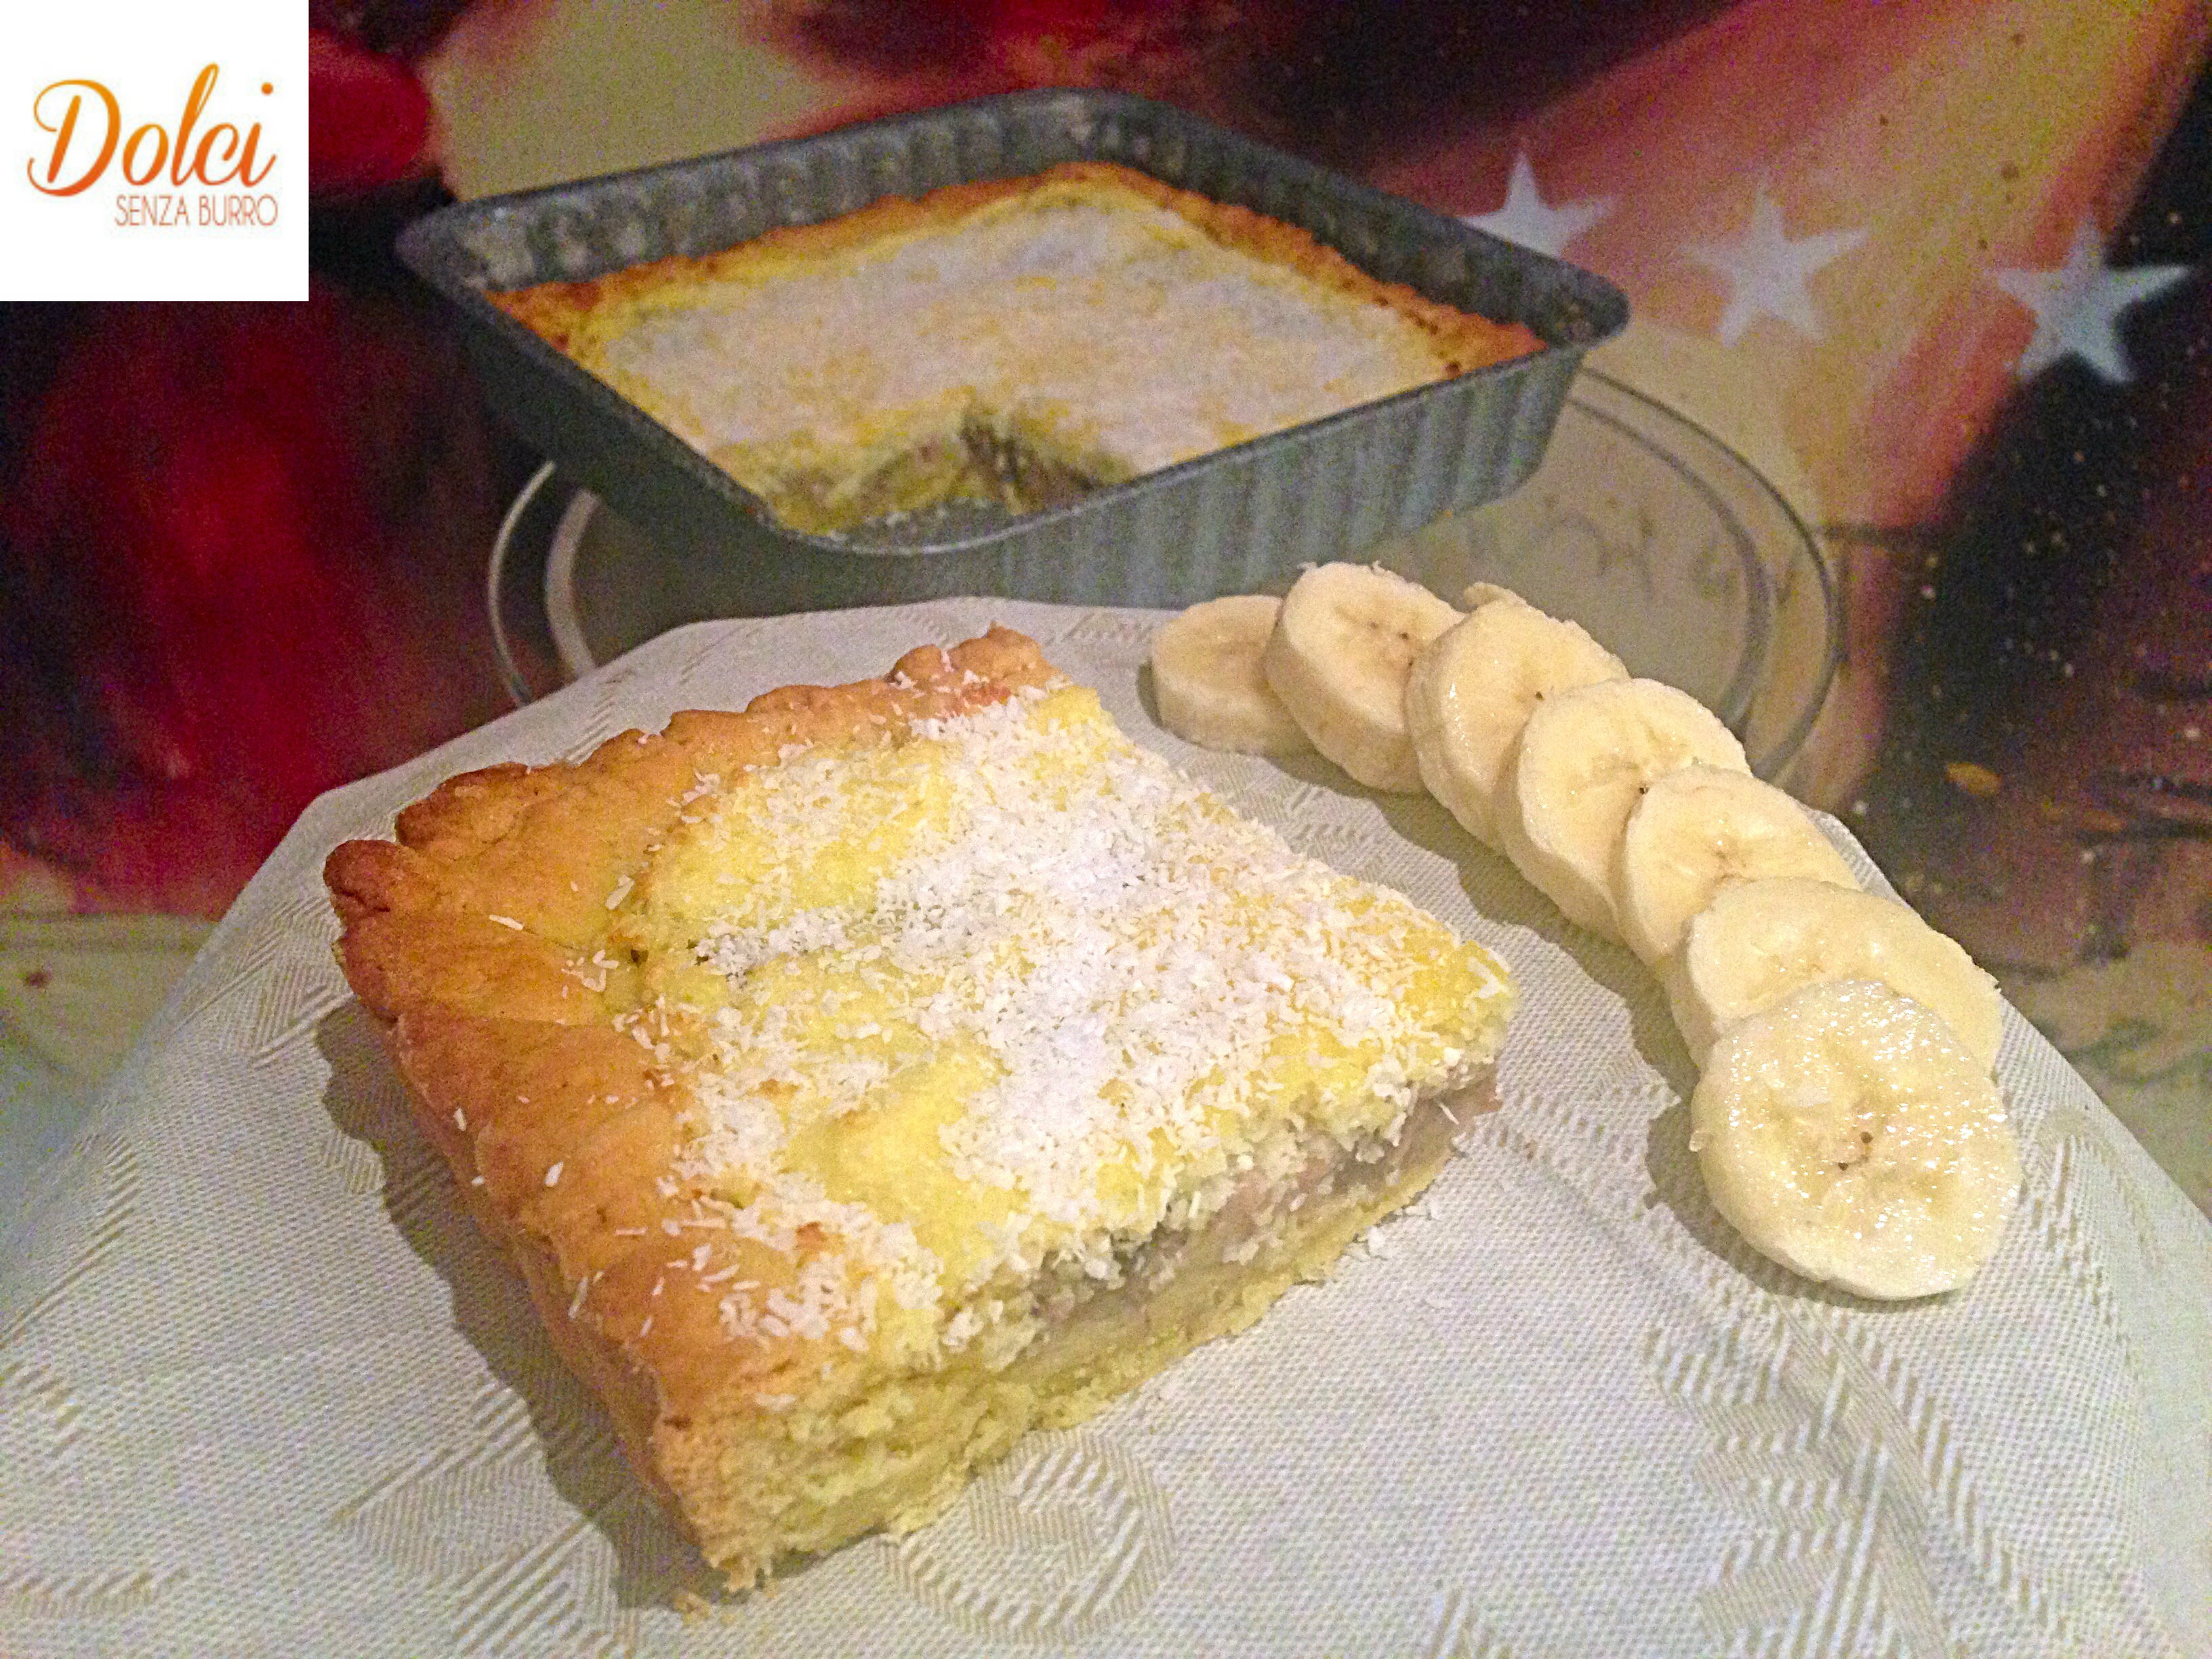 Crostata Cocco e Banane Senza Burro. il dolce goloso di dolci senza burro